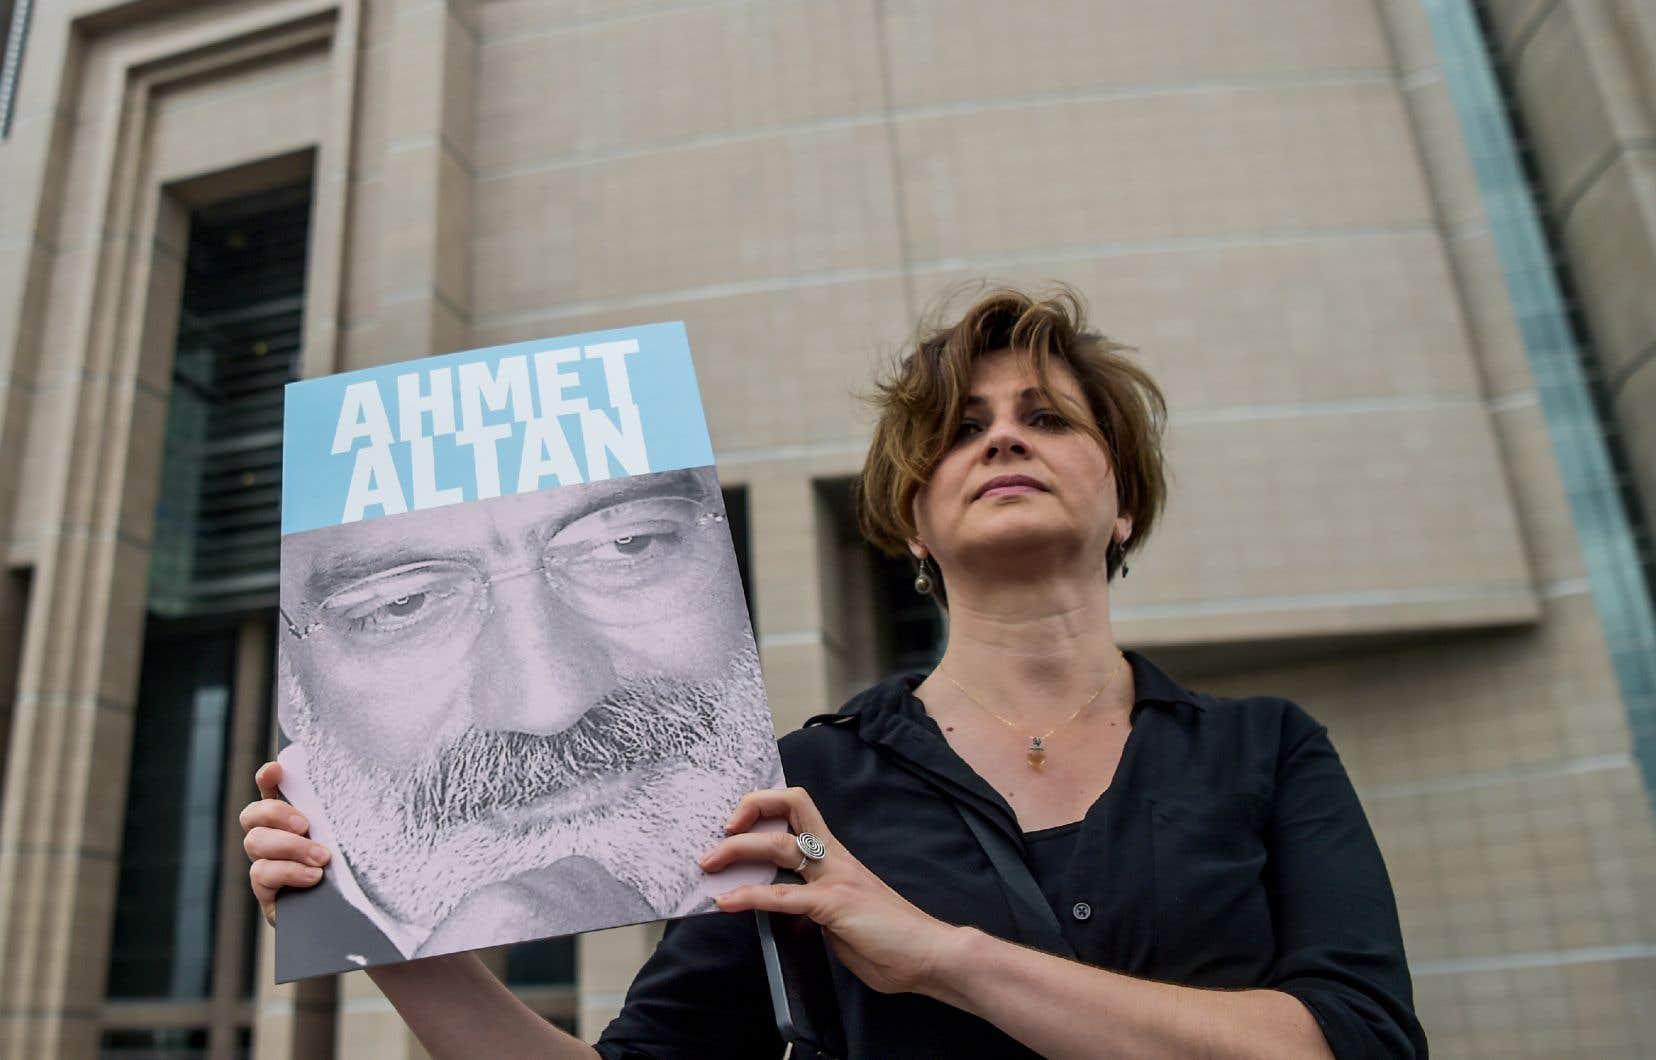 Depuis le putsch avorté en 2016 les autorités turques traquent sans relâche ceux qu'elles soupçonnent d'être des partisans du prédicateur Fethullah Gülen qu'Ankara accuse d'être derrière le coup de force